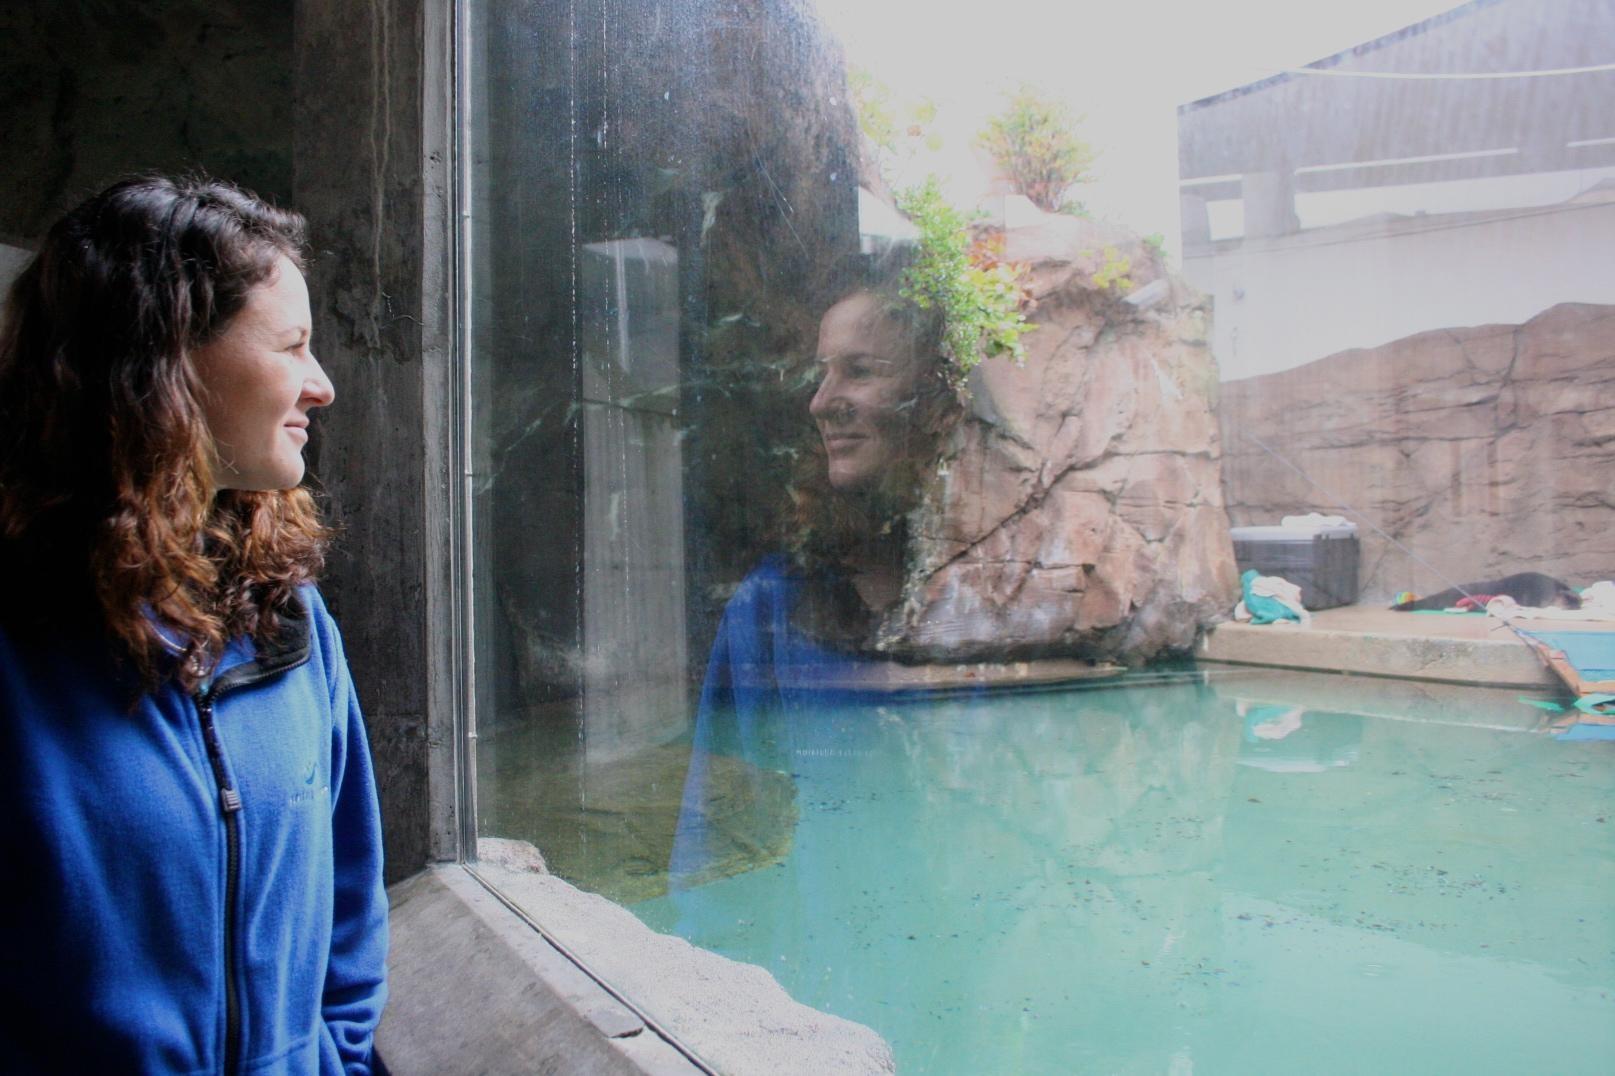 シアトル水族館のラーナー獣医師とミシュカ KUOW Photo/Sara Lerner